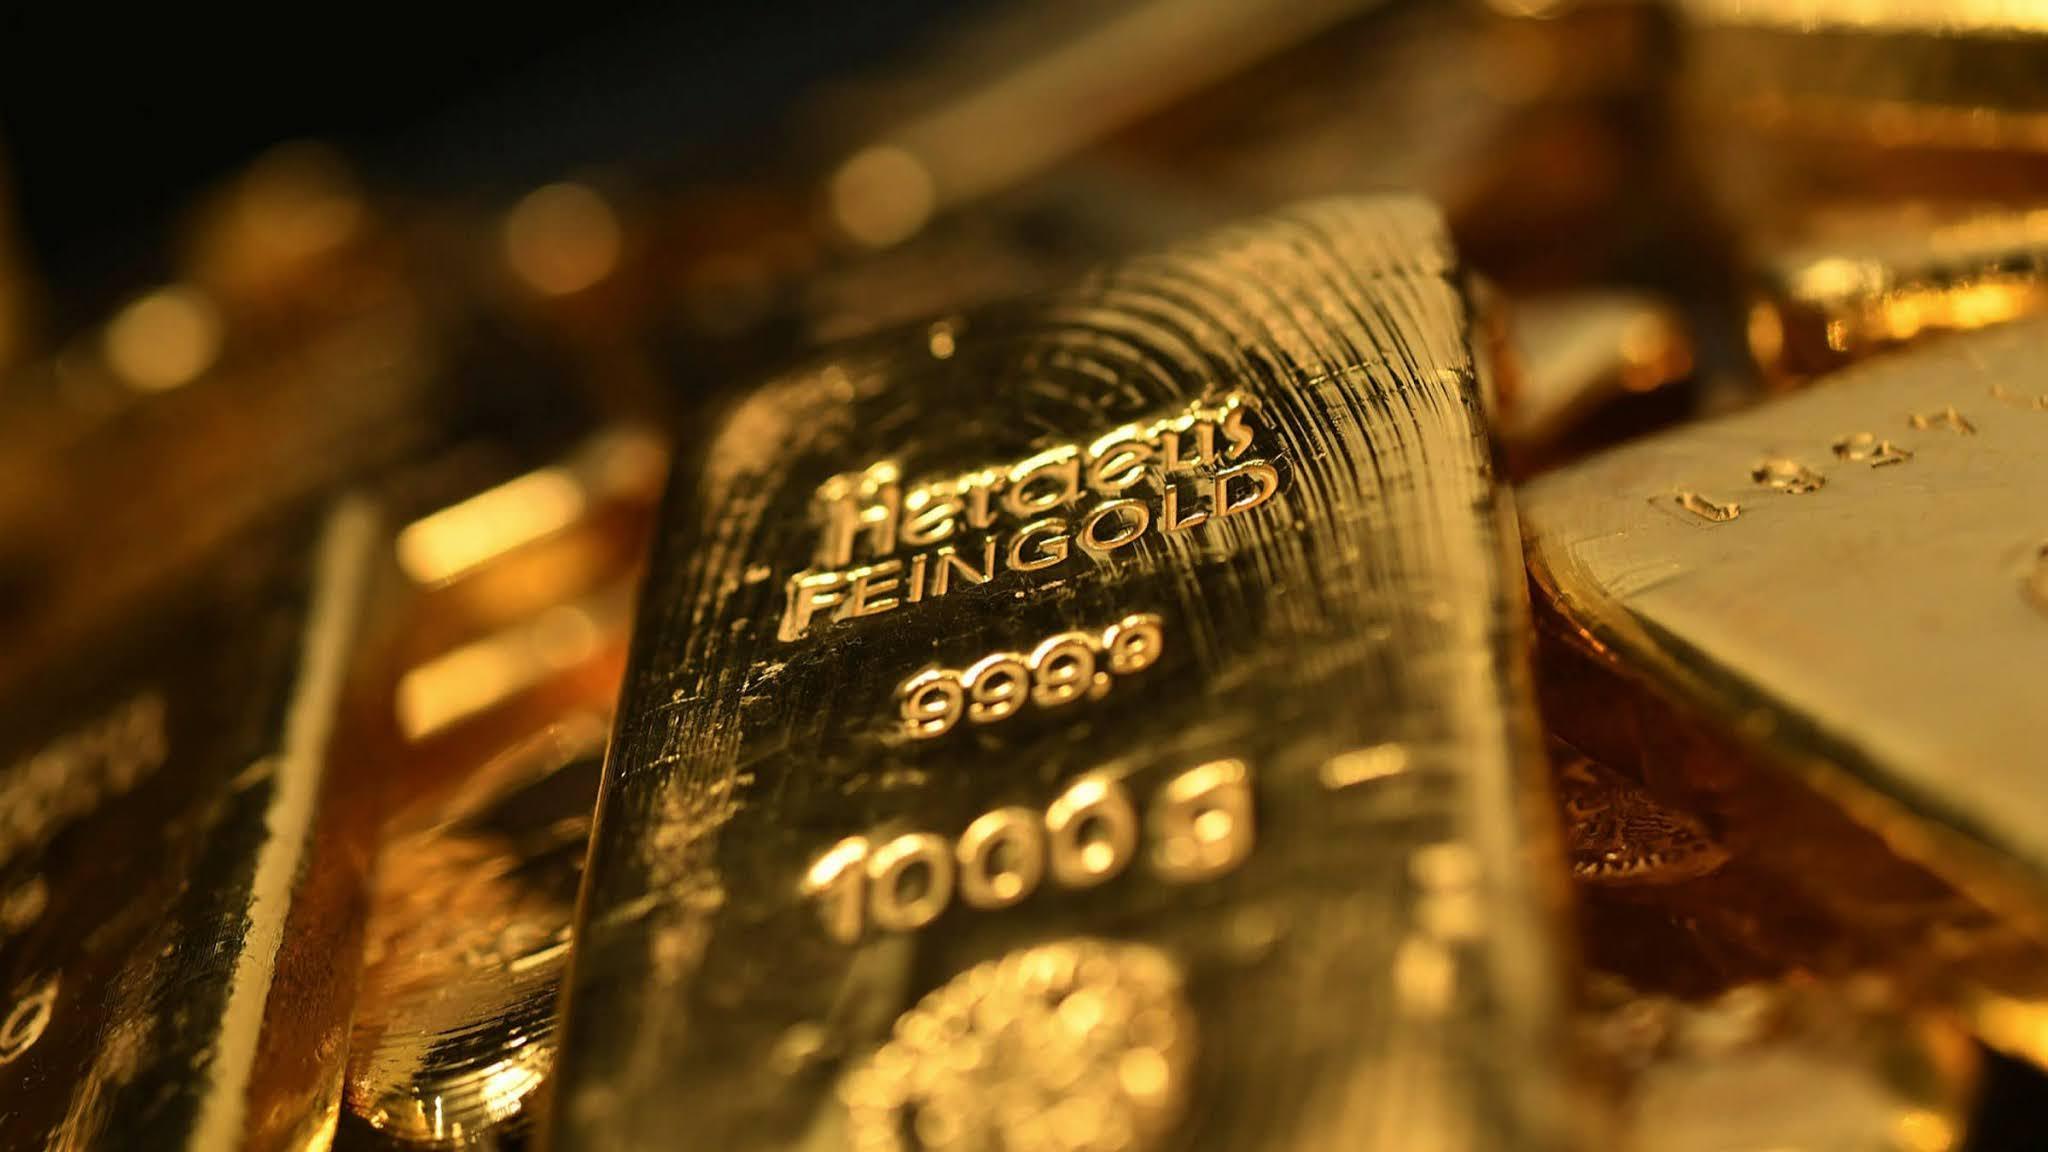 سعر الذهب يحقق رقماً قياسياً مع تصاعد مخاوف المستثمرين من جائحة كورونا